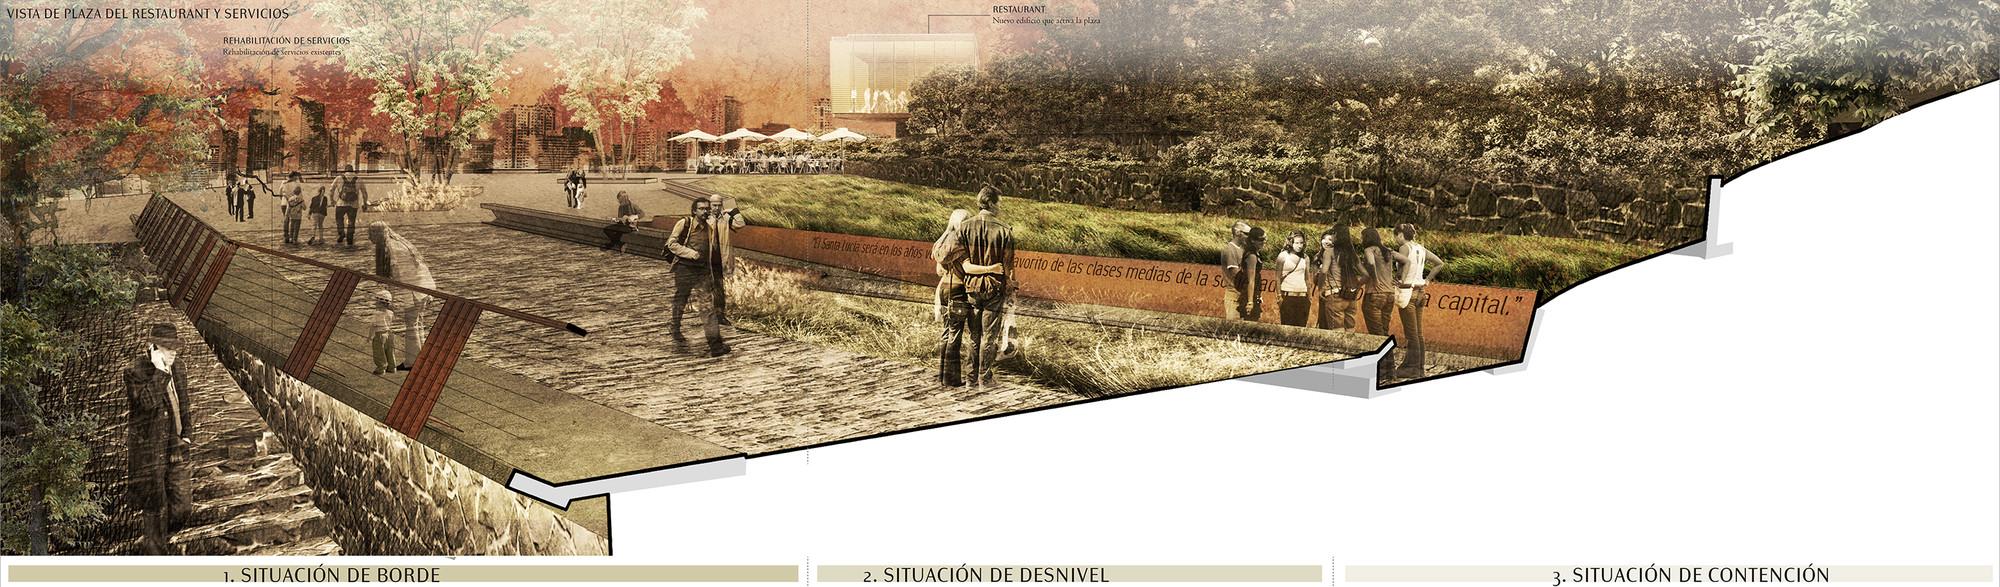 Vista/corte de la plaza de restaurant y servicios. Image Cortesia de Fundación Cerros Isla + Macarena Gaete